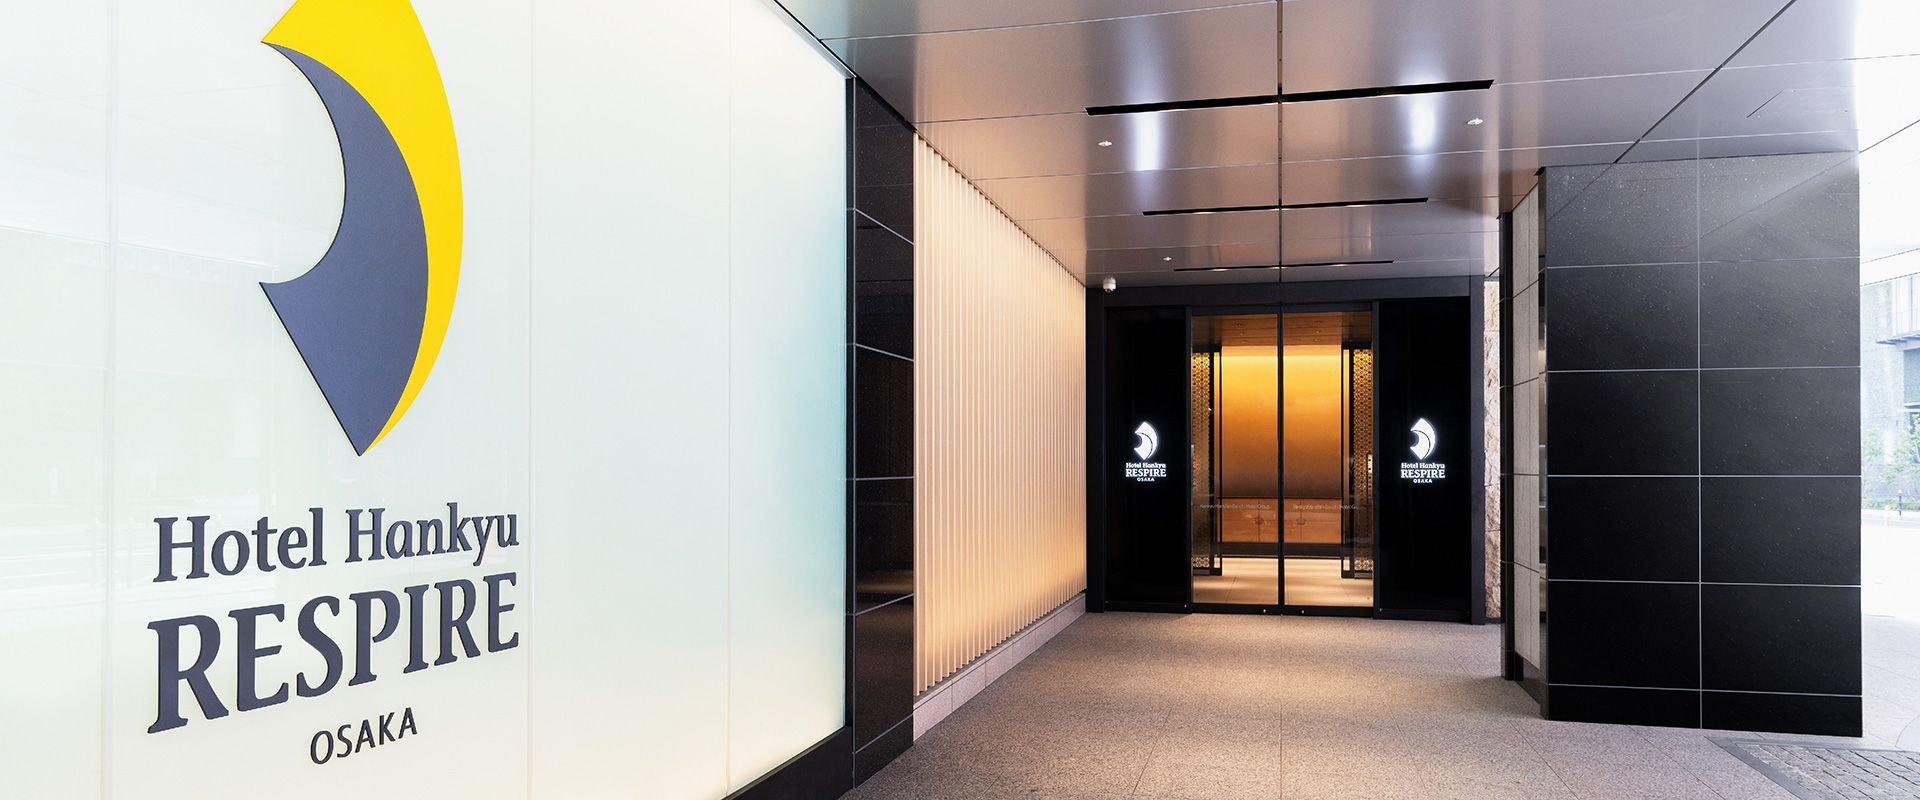 ホテル阪急レスパイア大阪 エントランス